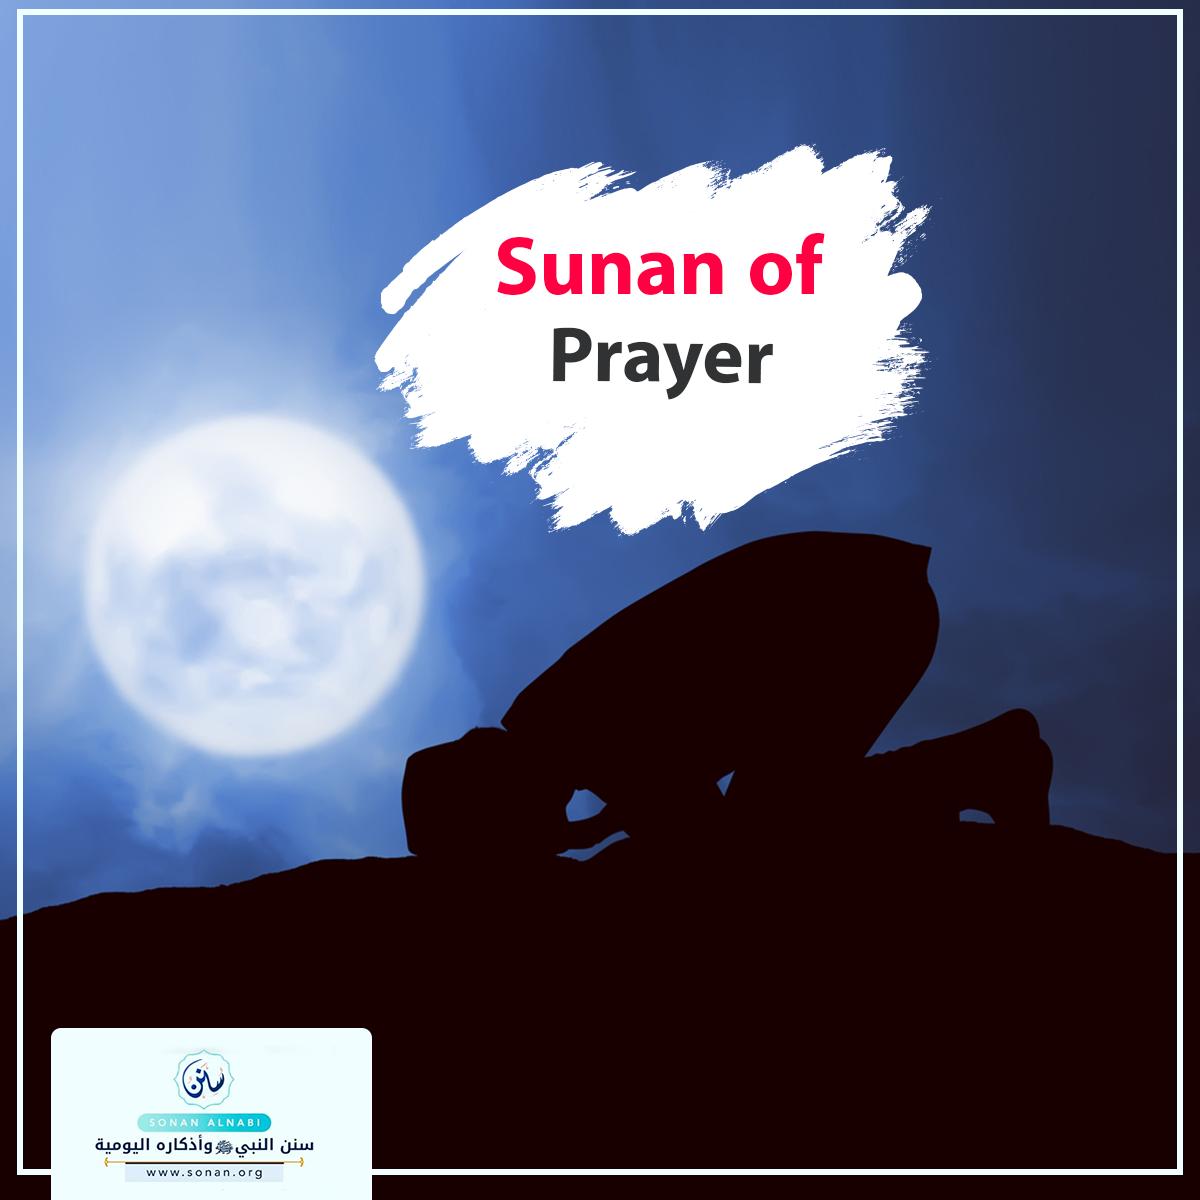 Sunan of Prayer